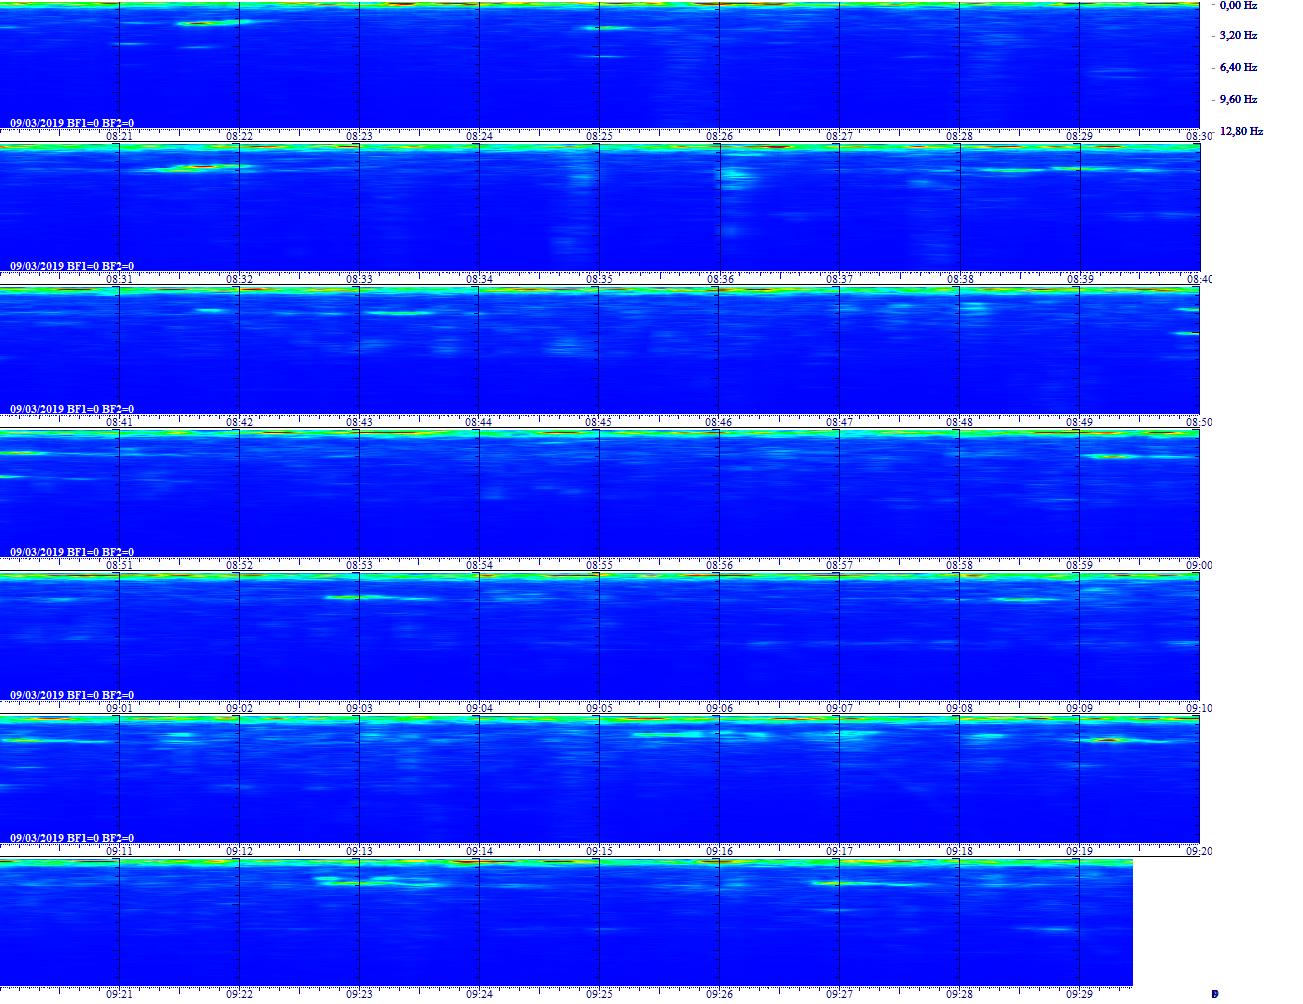 Spettro Sismografo Reggello - Orizzontale